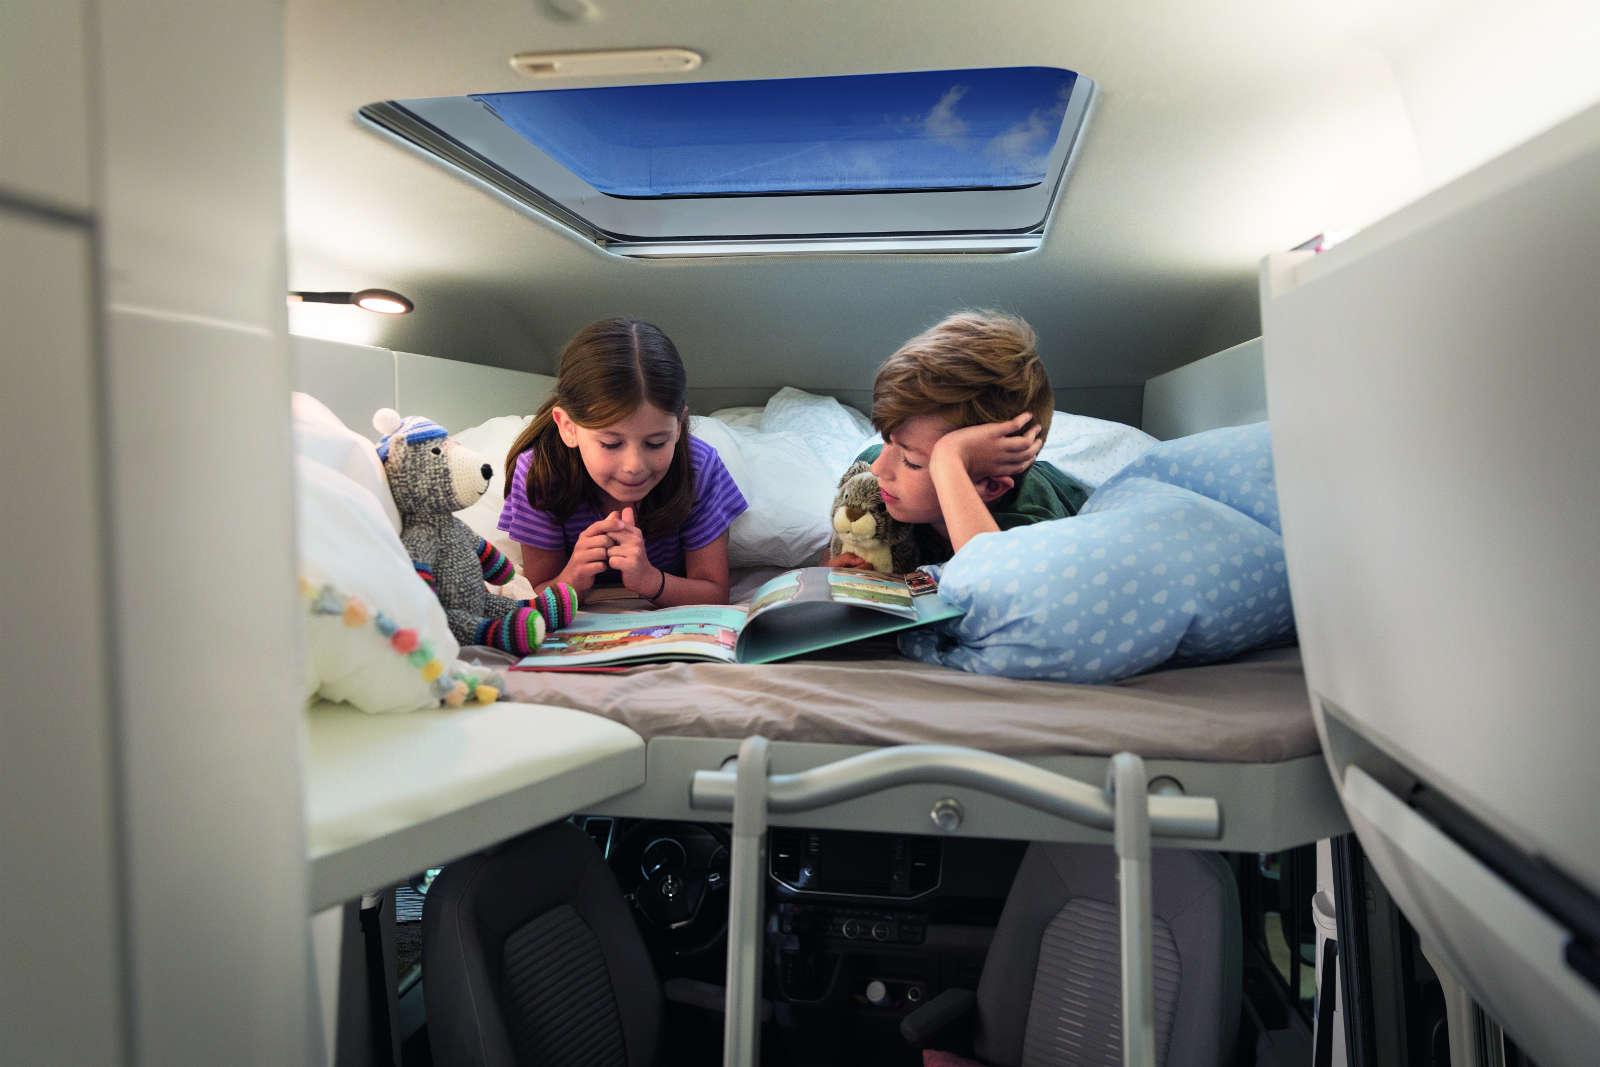 Kinderbett im Hochdach